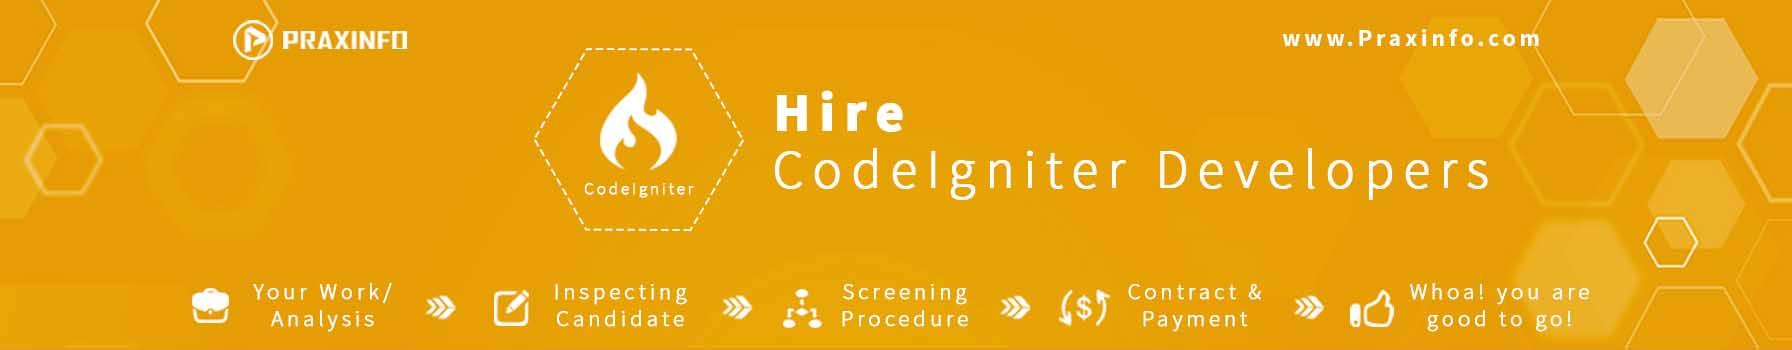 hire-CodeIgniter-developer.jpg